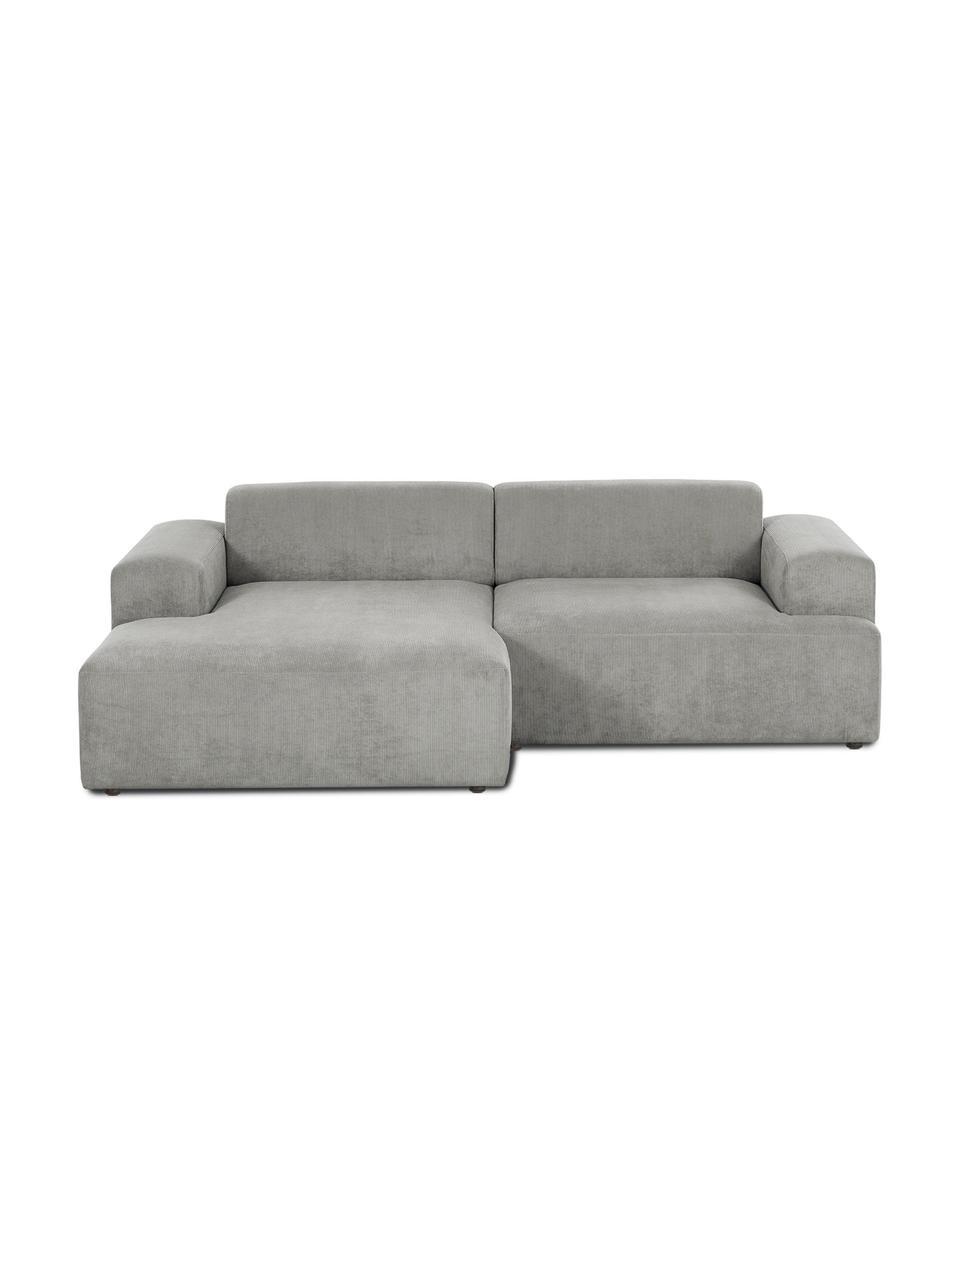 Canapé d'angle 3places velours côtelé gris Melva, Velours côtelé gris